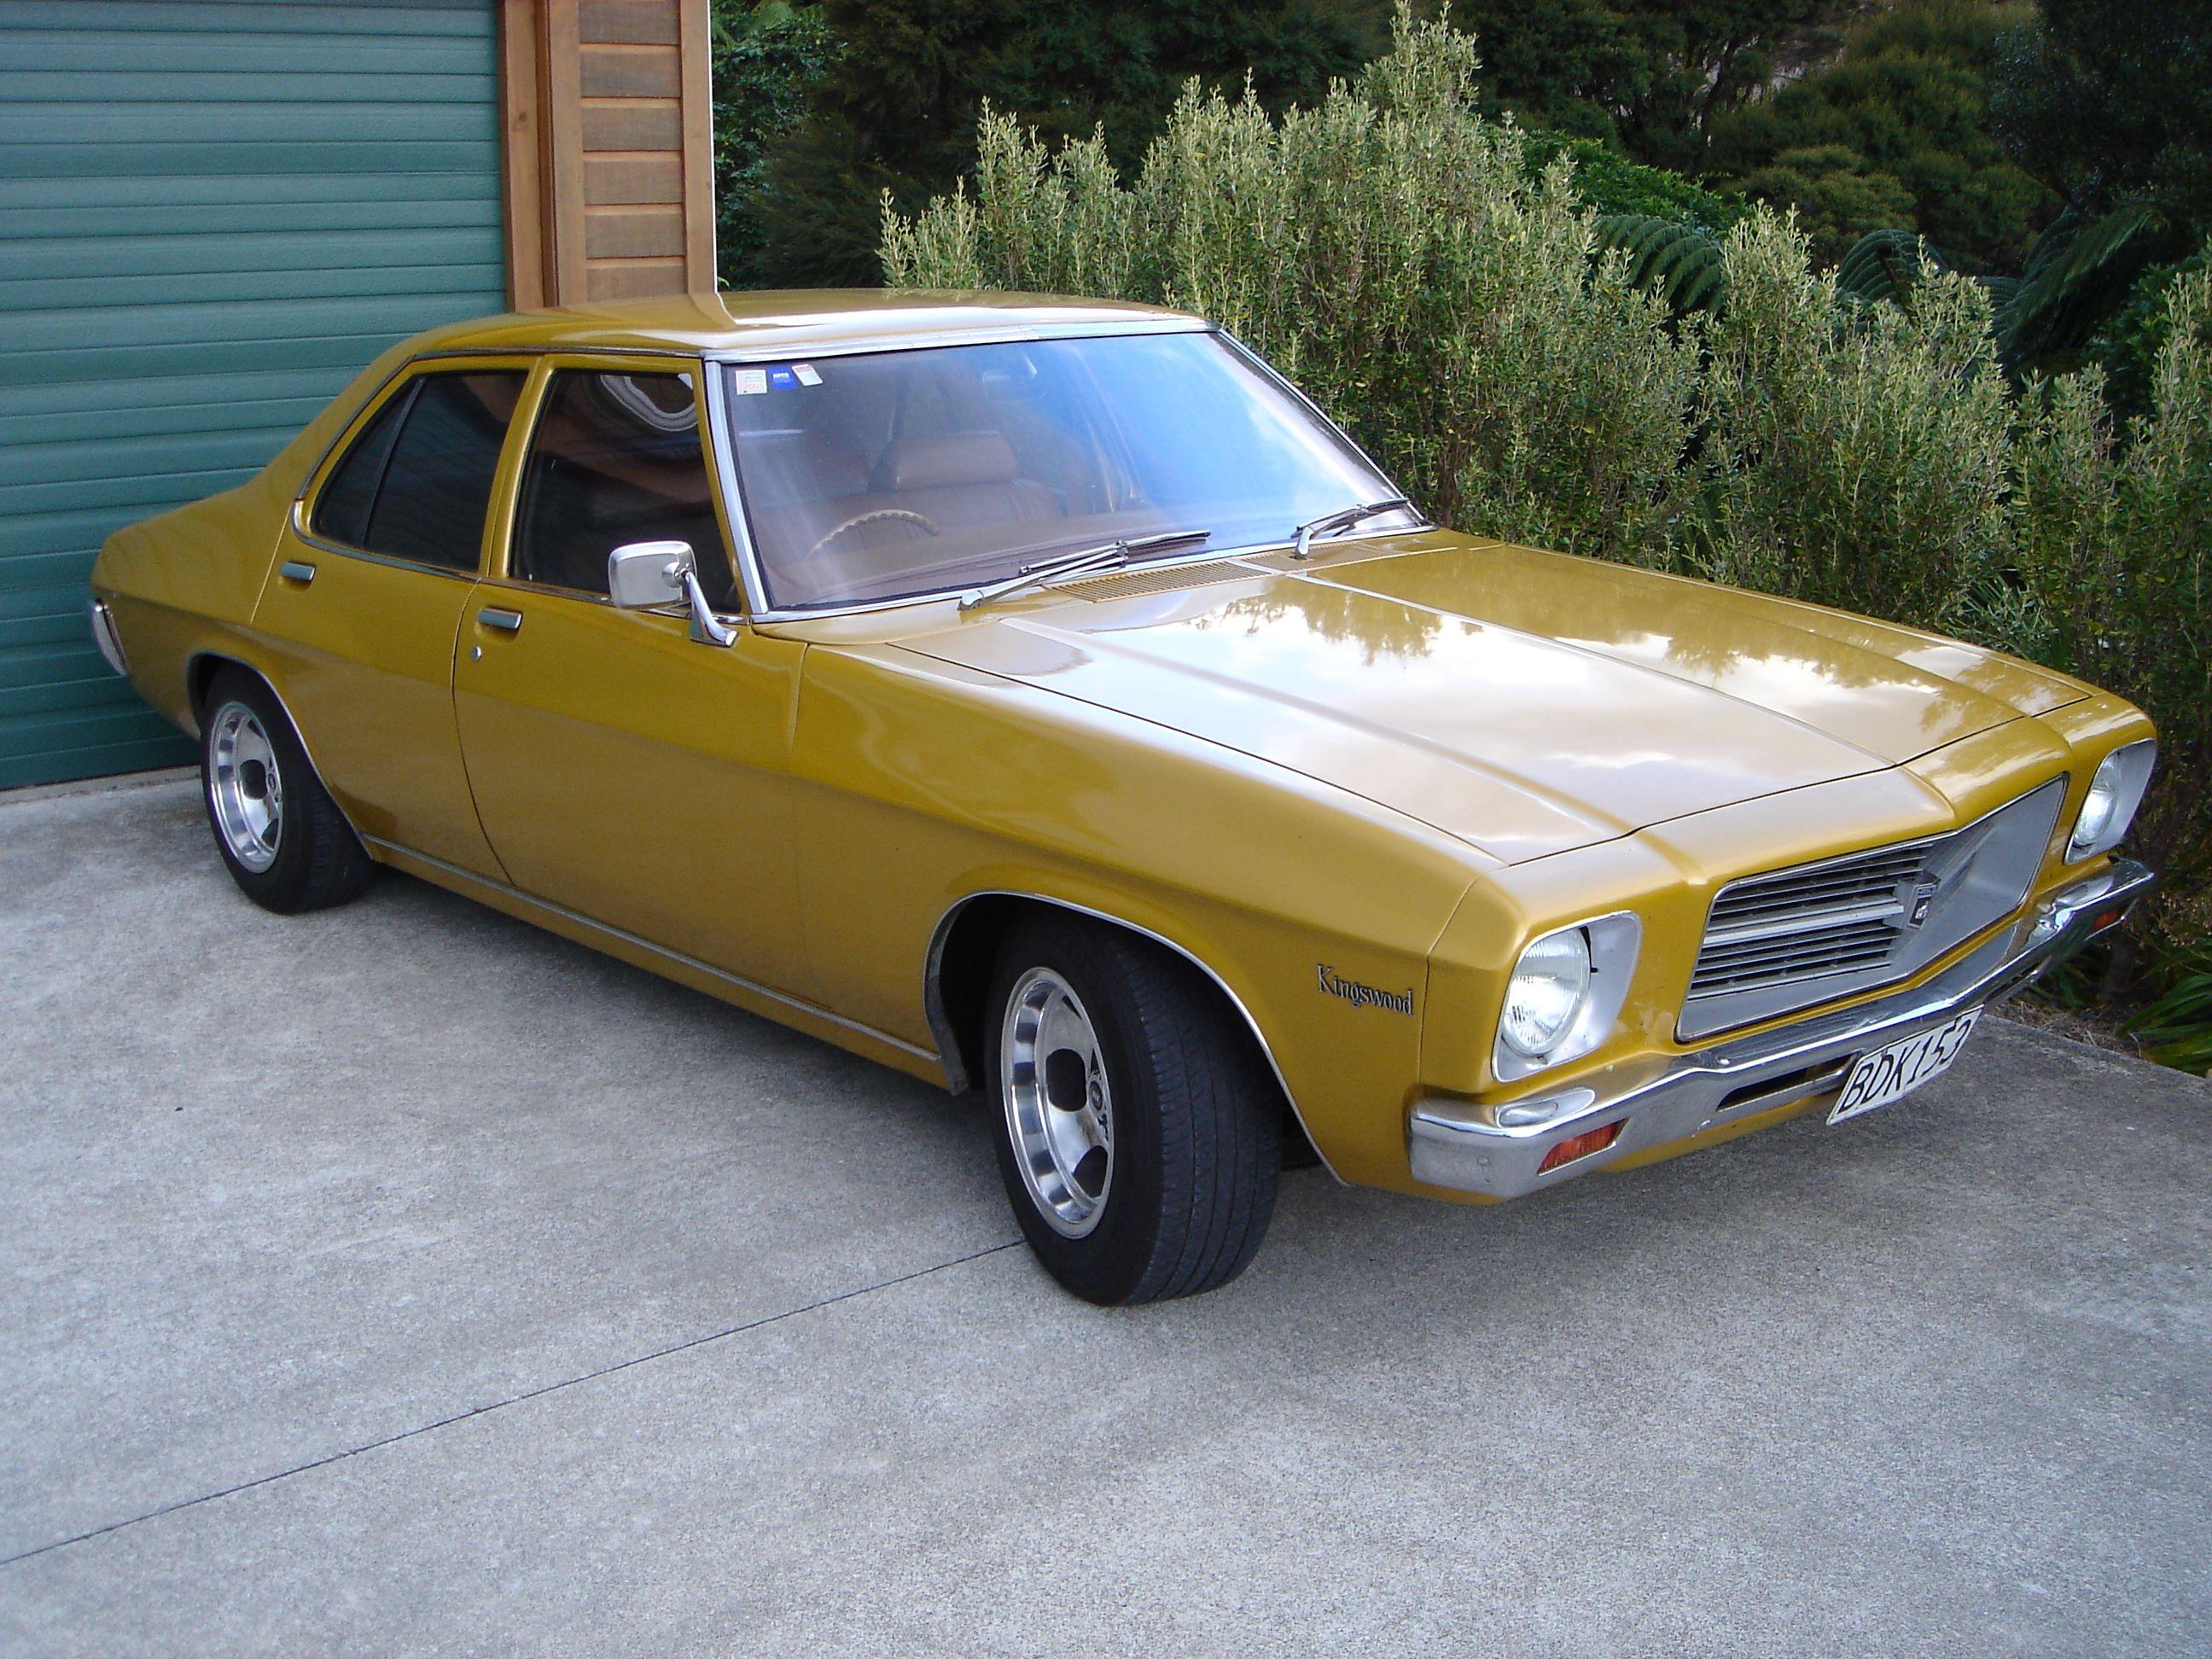 Holden Kingswood Hq Holden Kingswood Hq Holden Holden Australia